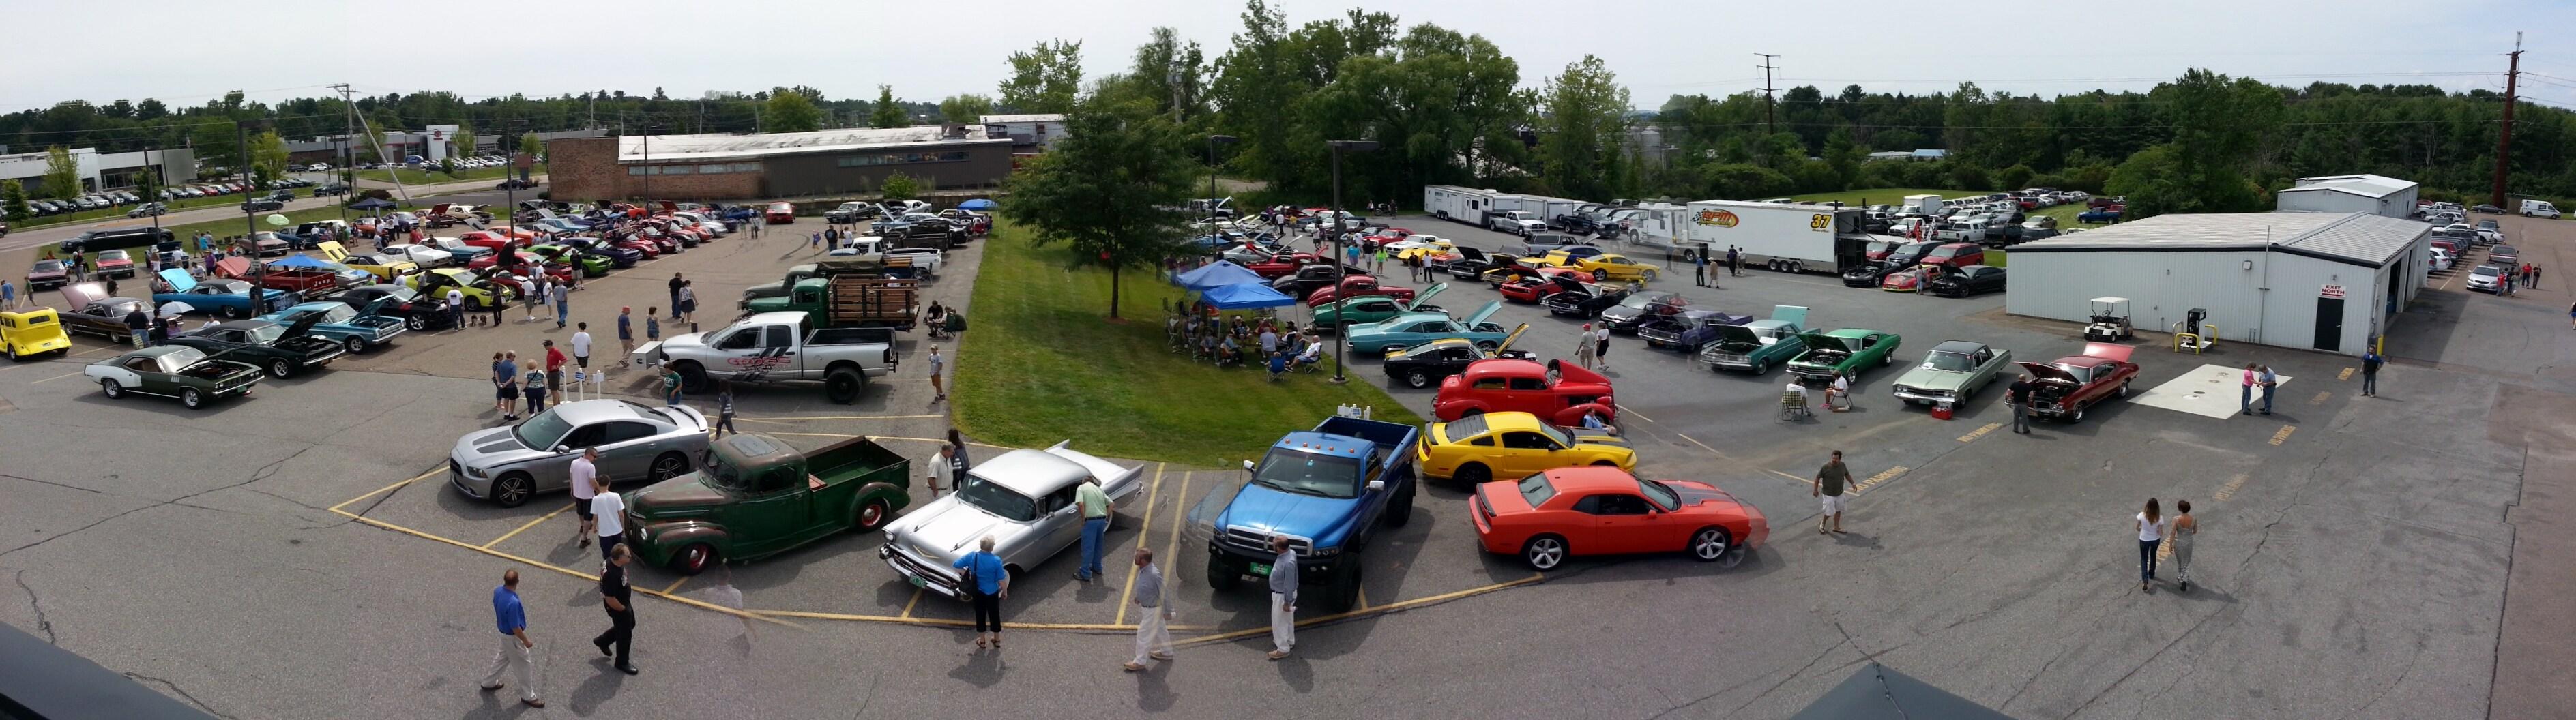 Car Lease Deals Near Me >> 2016 Mopar Muscle Day Car Show | Goss Dodge South ...